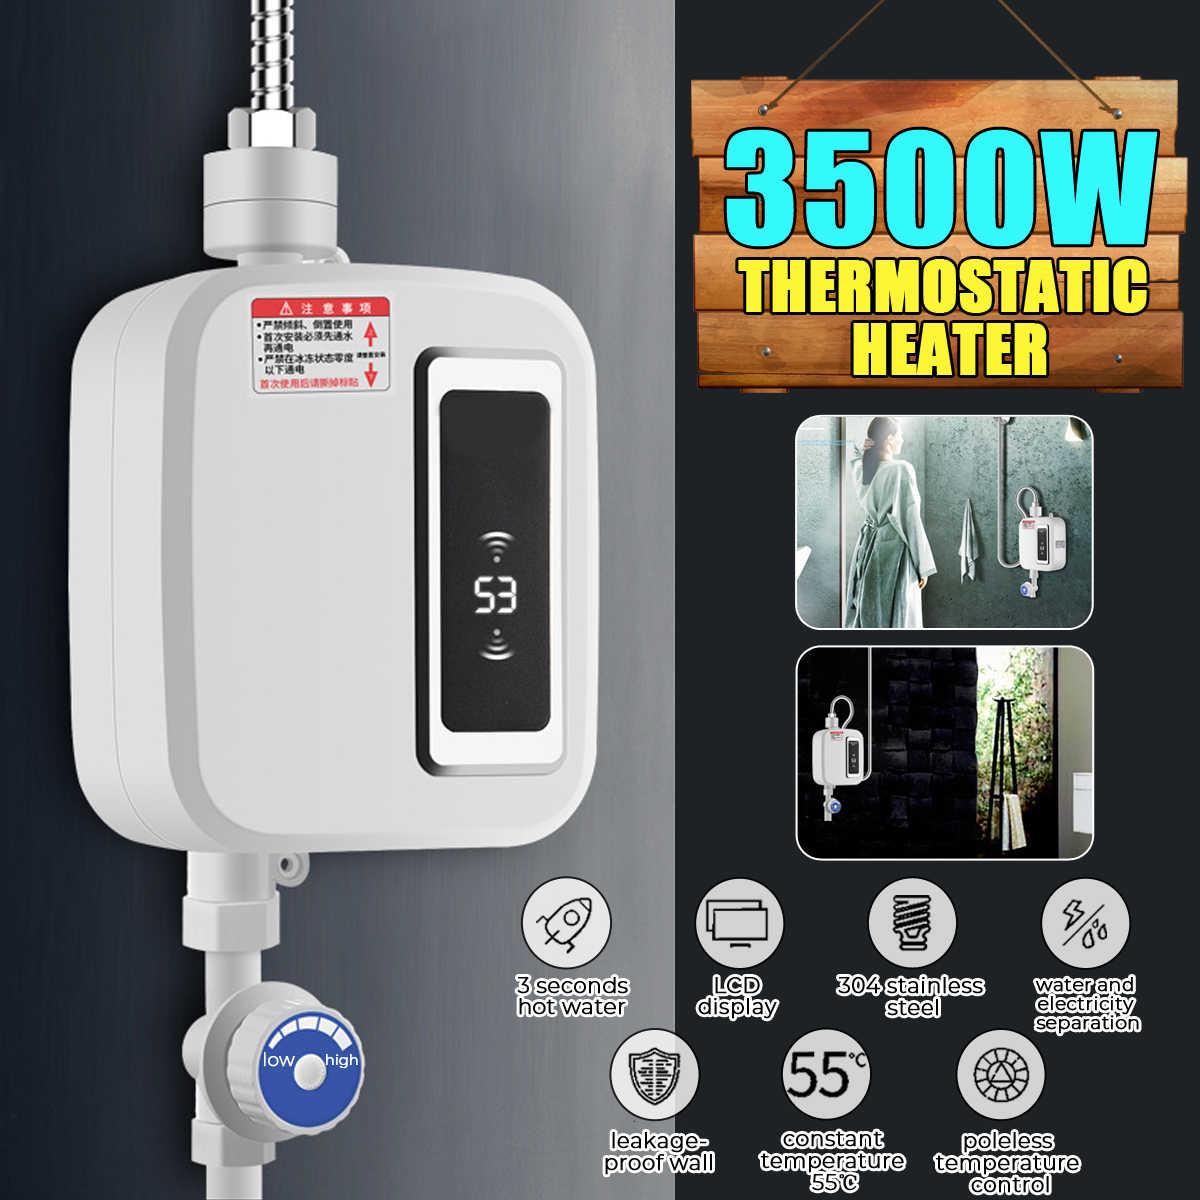 3500W chauffe-eau salle de bains cuisine instantanée chauffe-eau électrique robinet température LCD affichage robinet douche sans réservoir